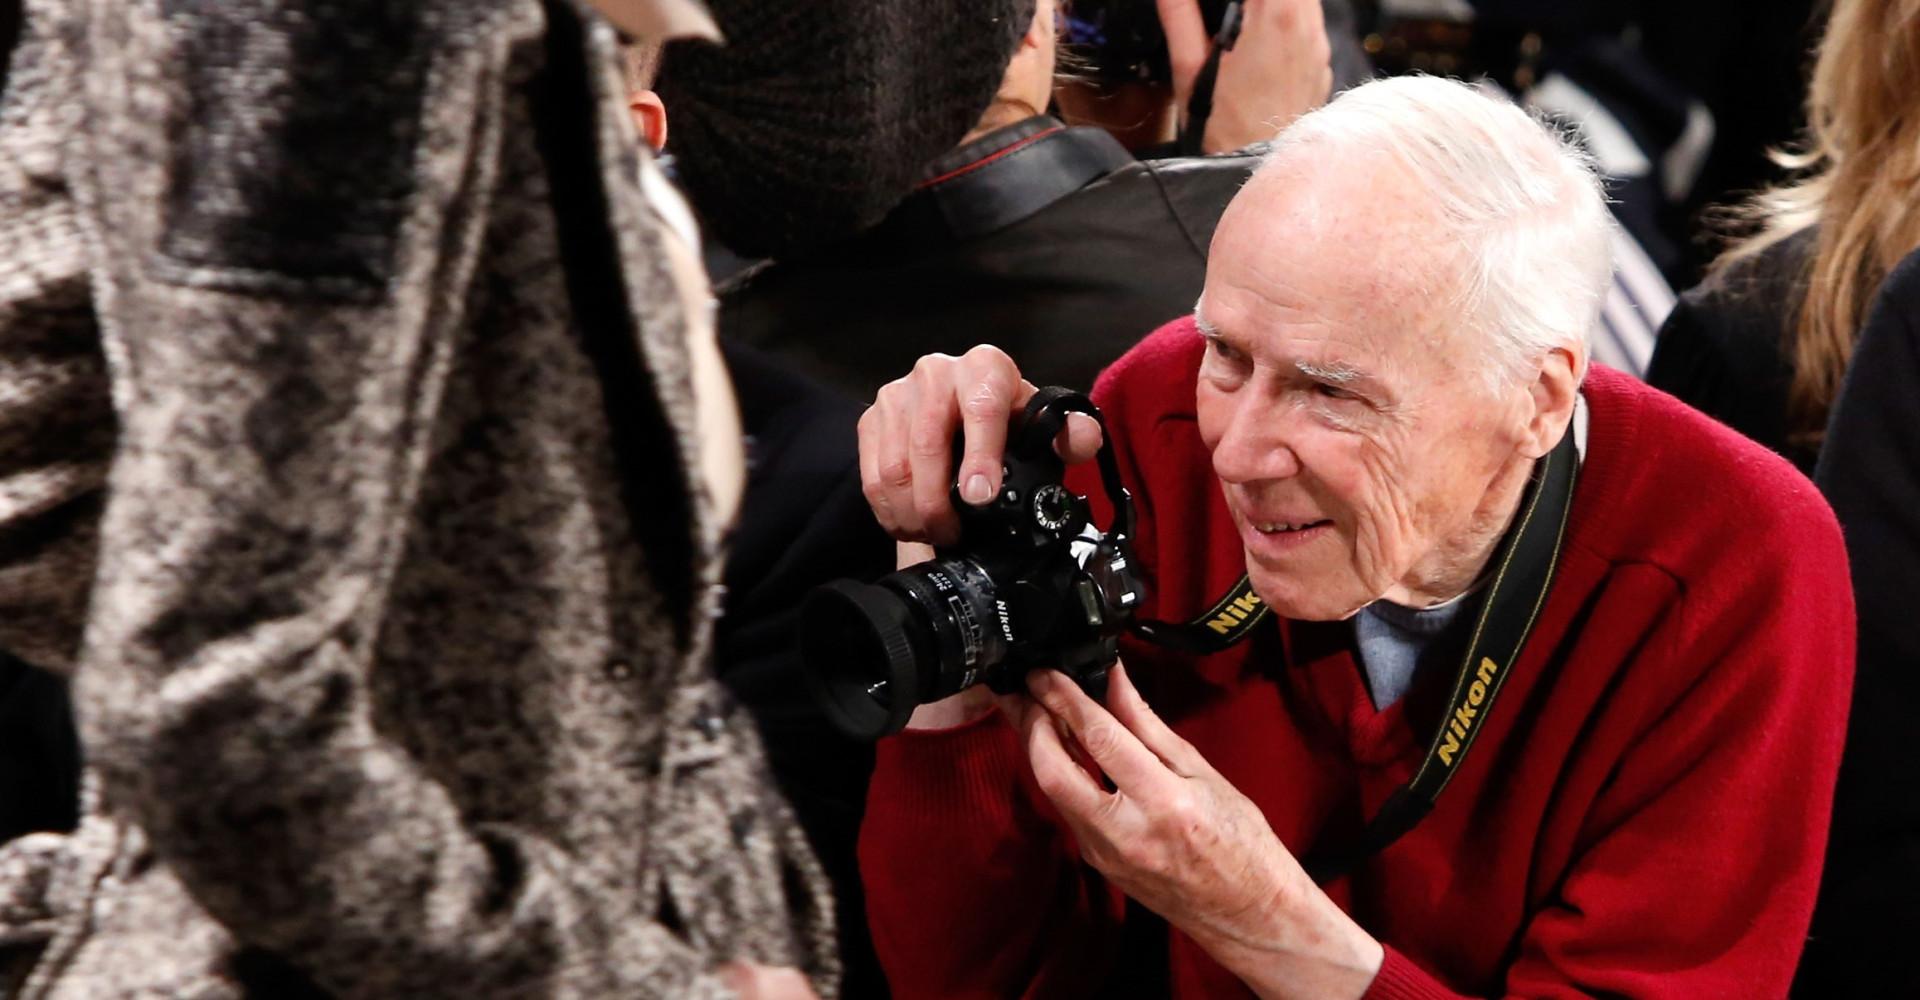 Behind the lens: Veteran fashion photographer Bill Cunningham wrote a secret memoir